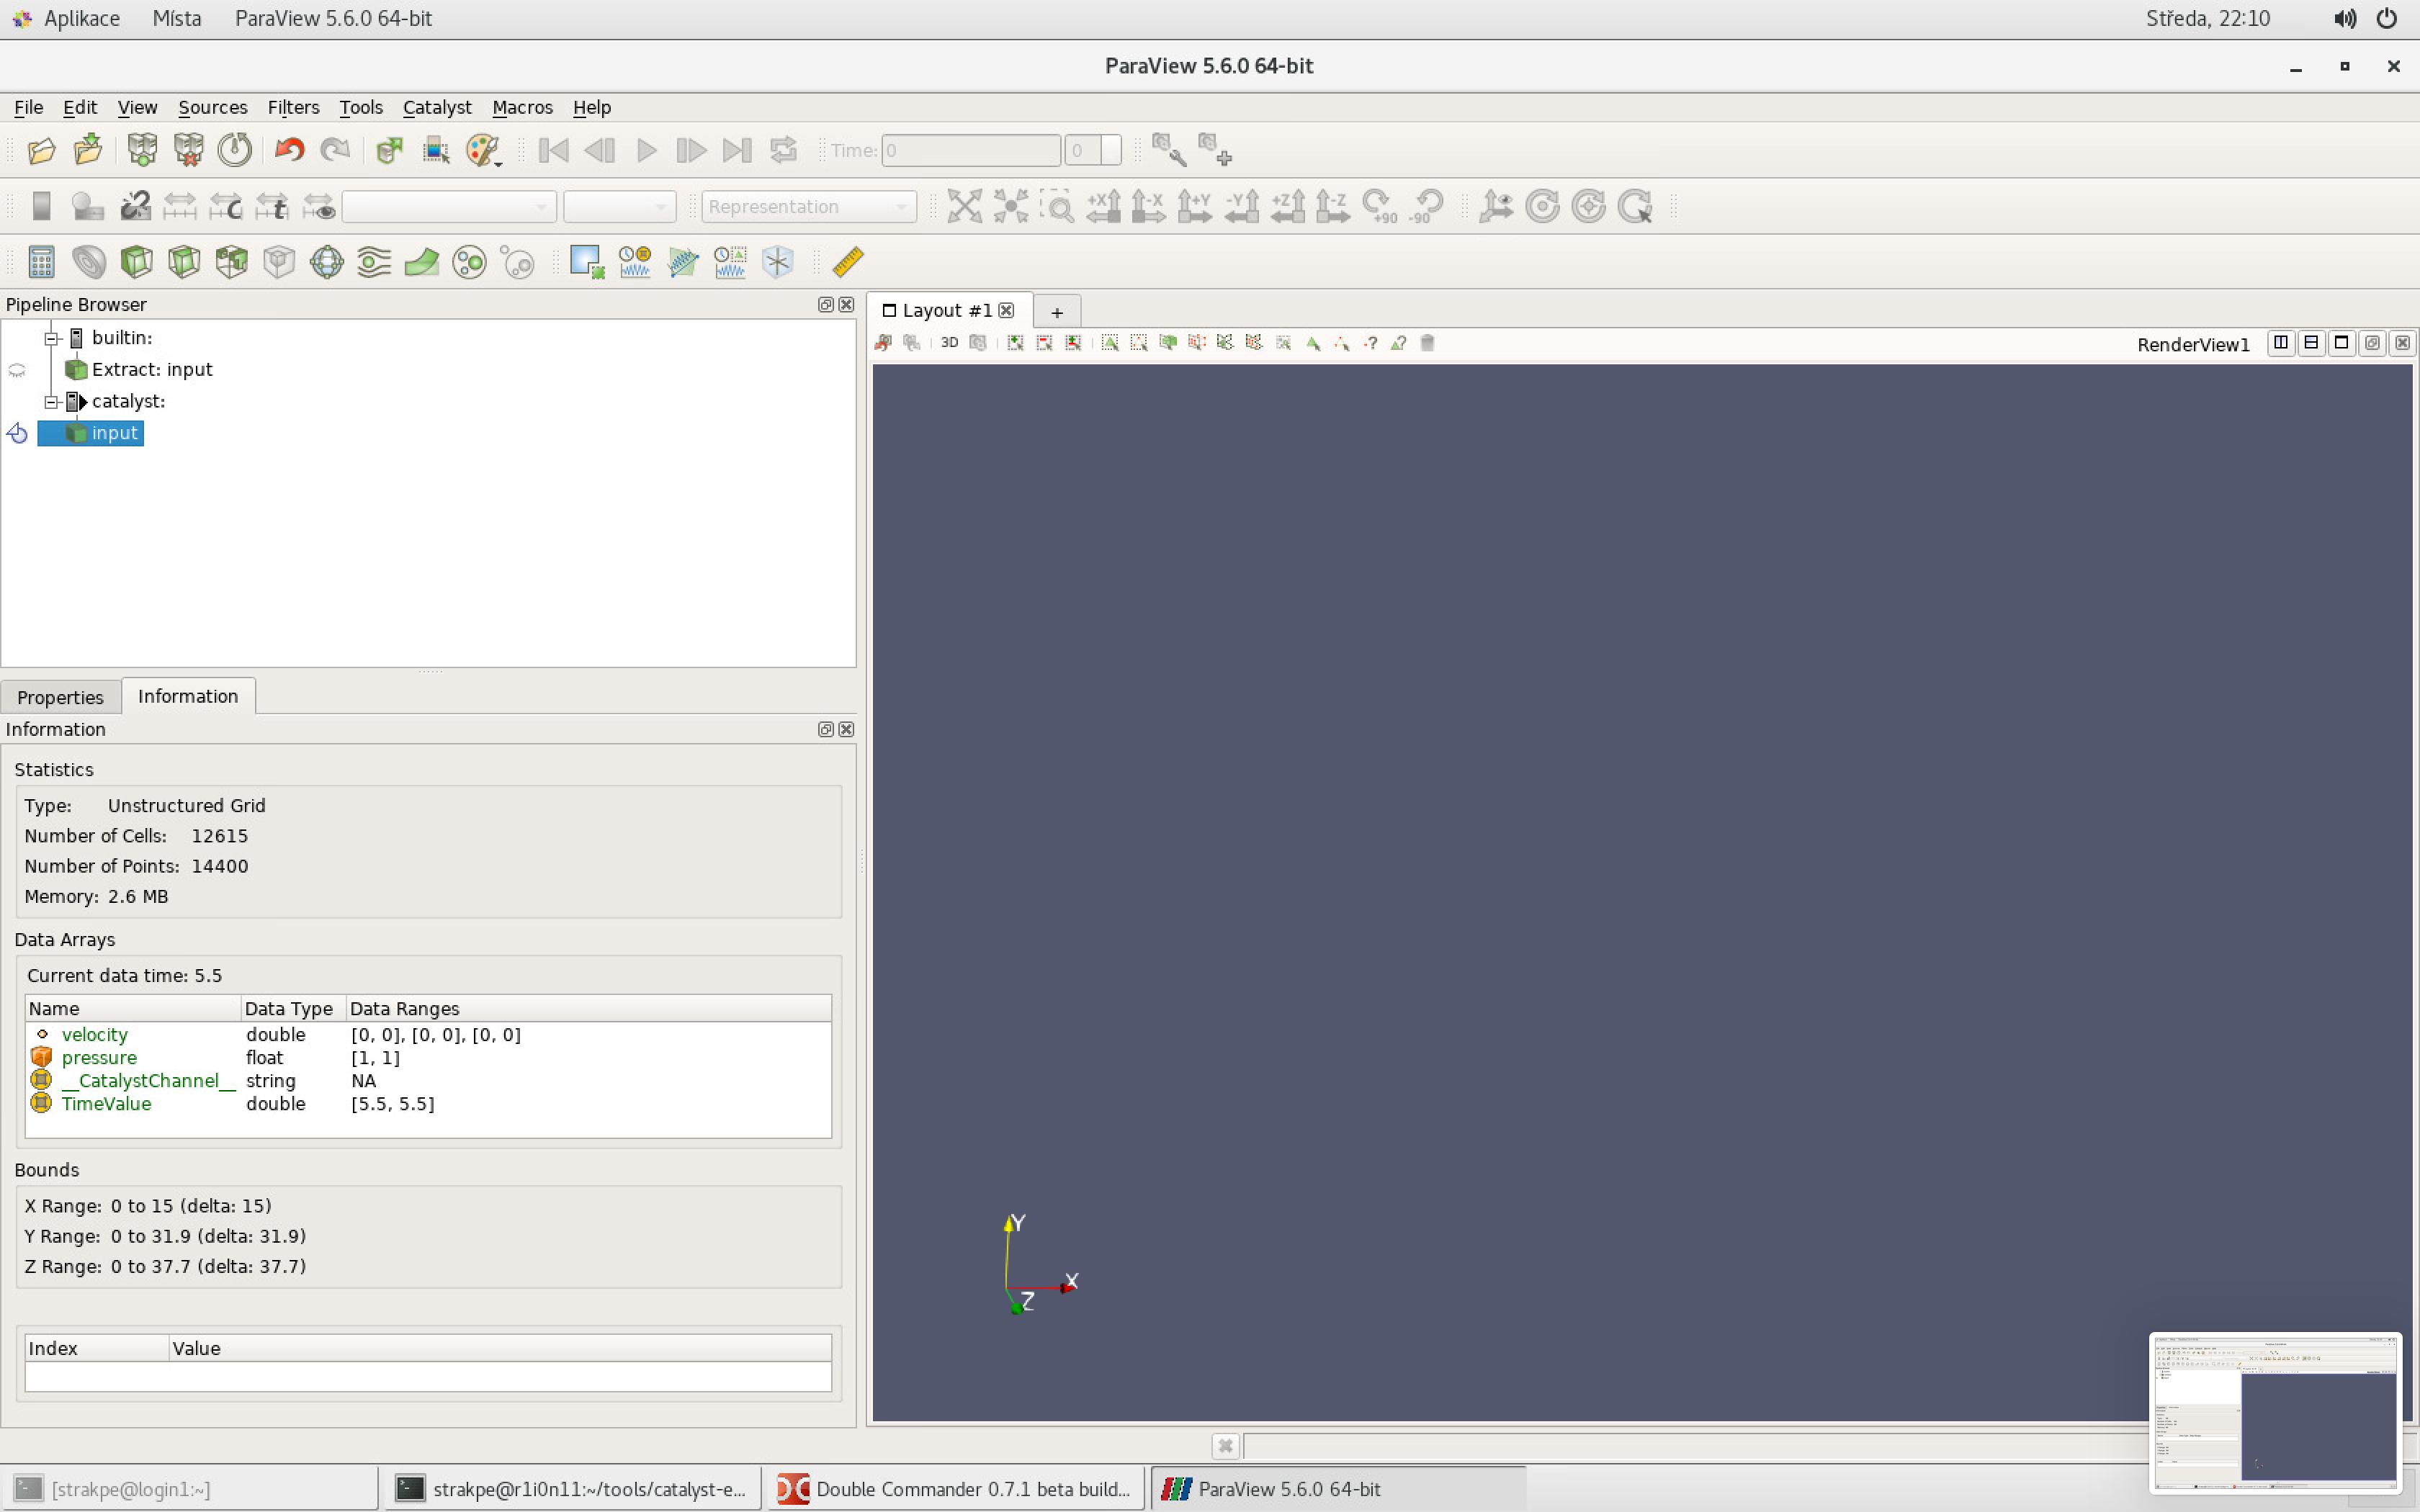 docs.it4i/software/viz/insitu/img/Extract_input.png